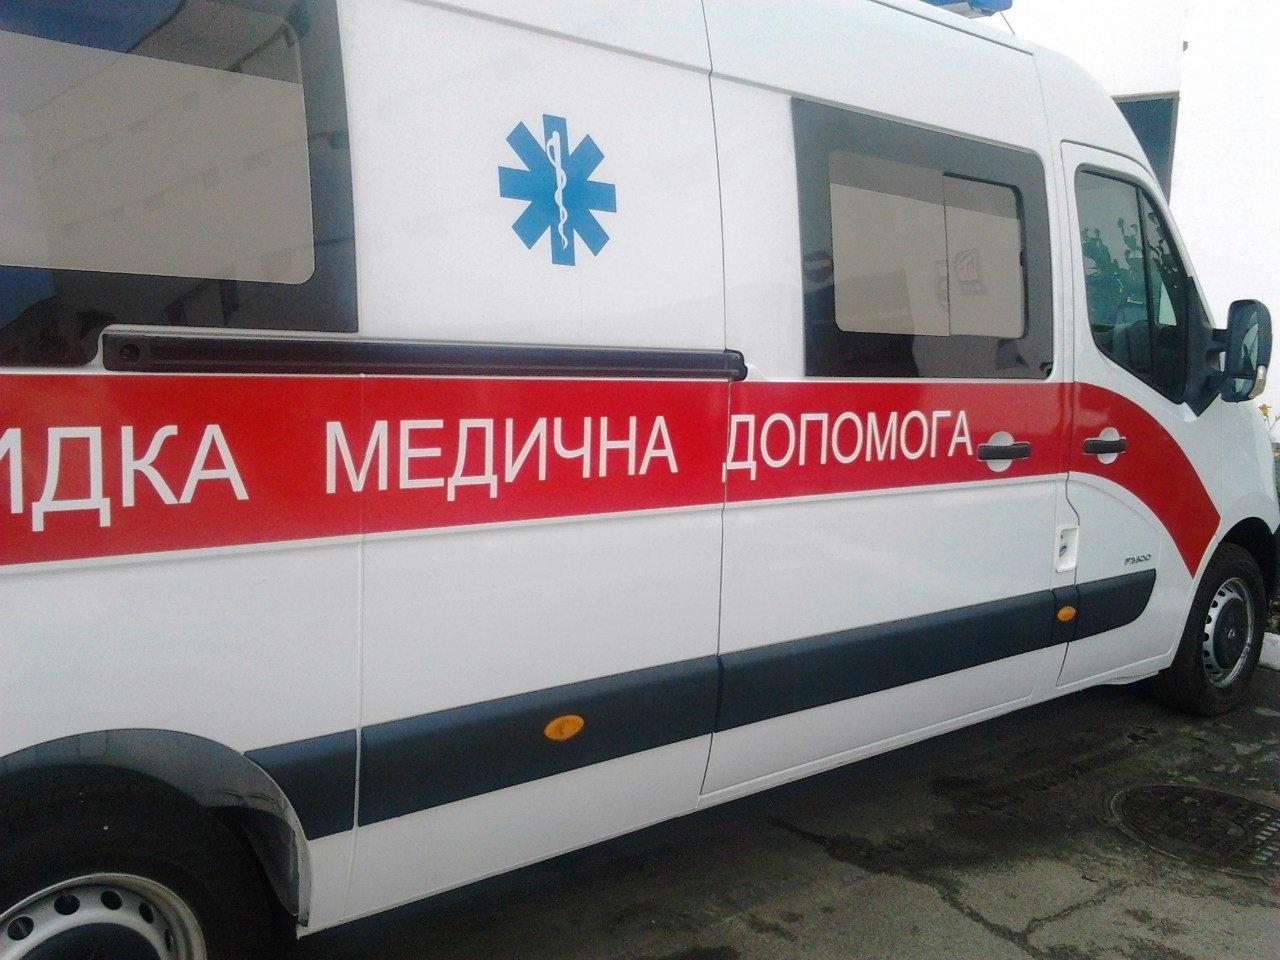 Внедорожник перевернулся на крышу: опубликовано фото серьезного ДТП в Киеве